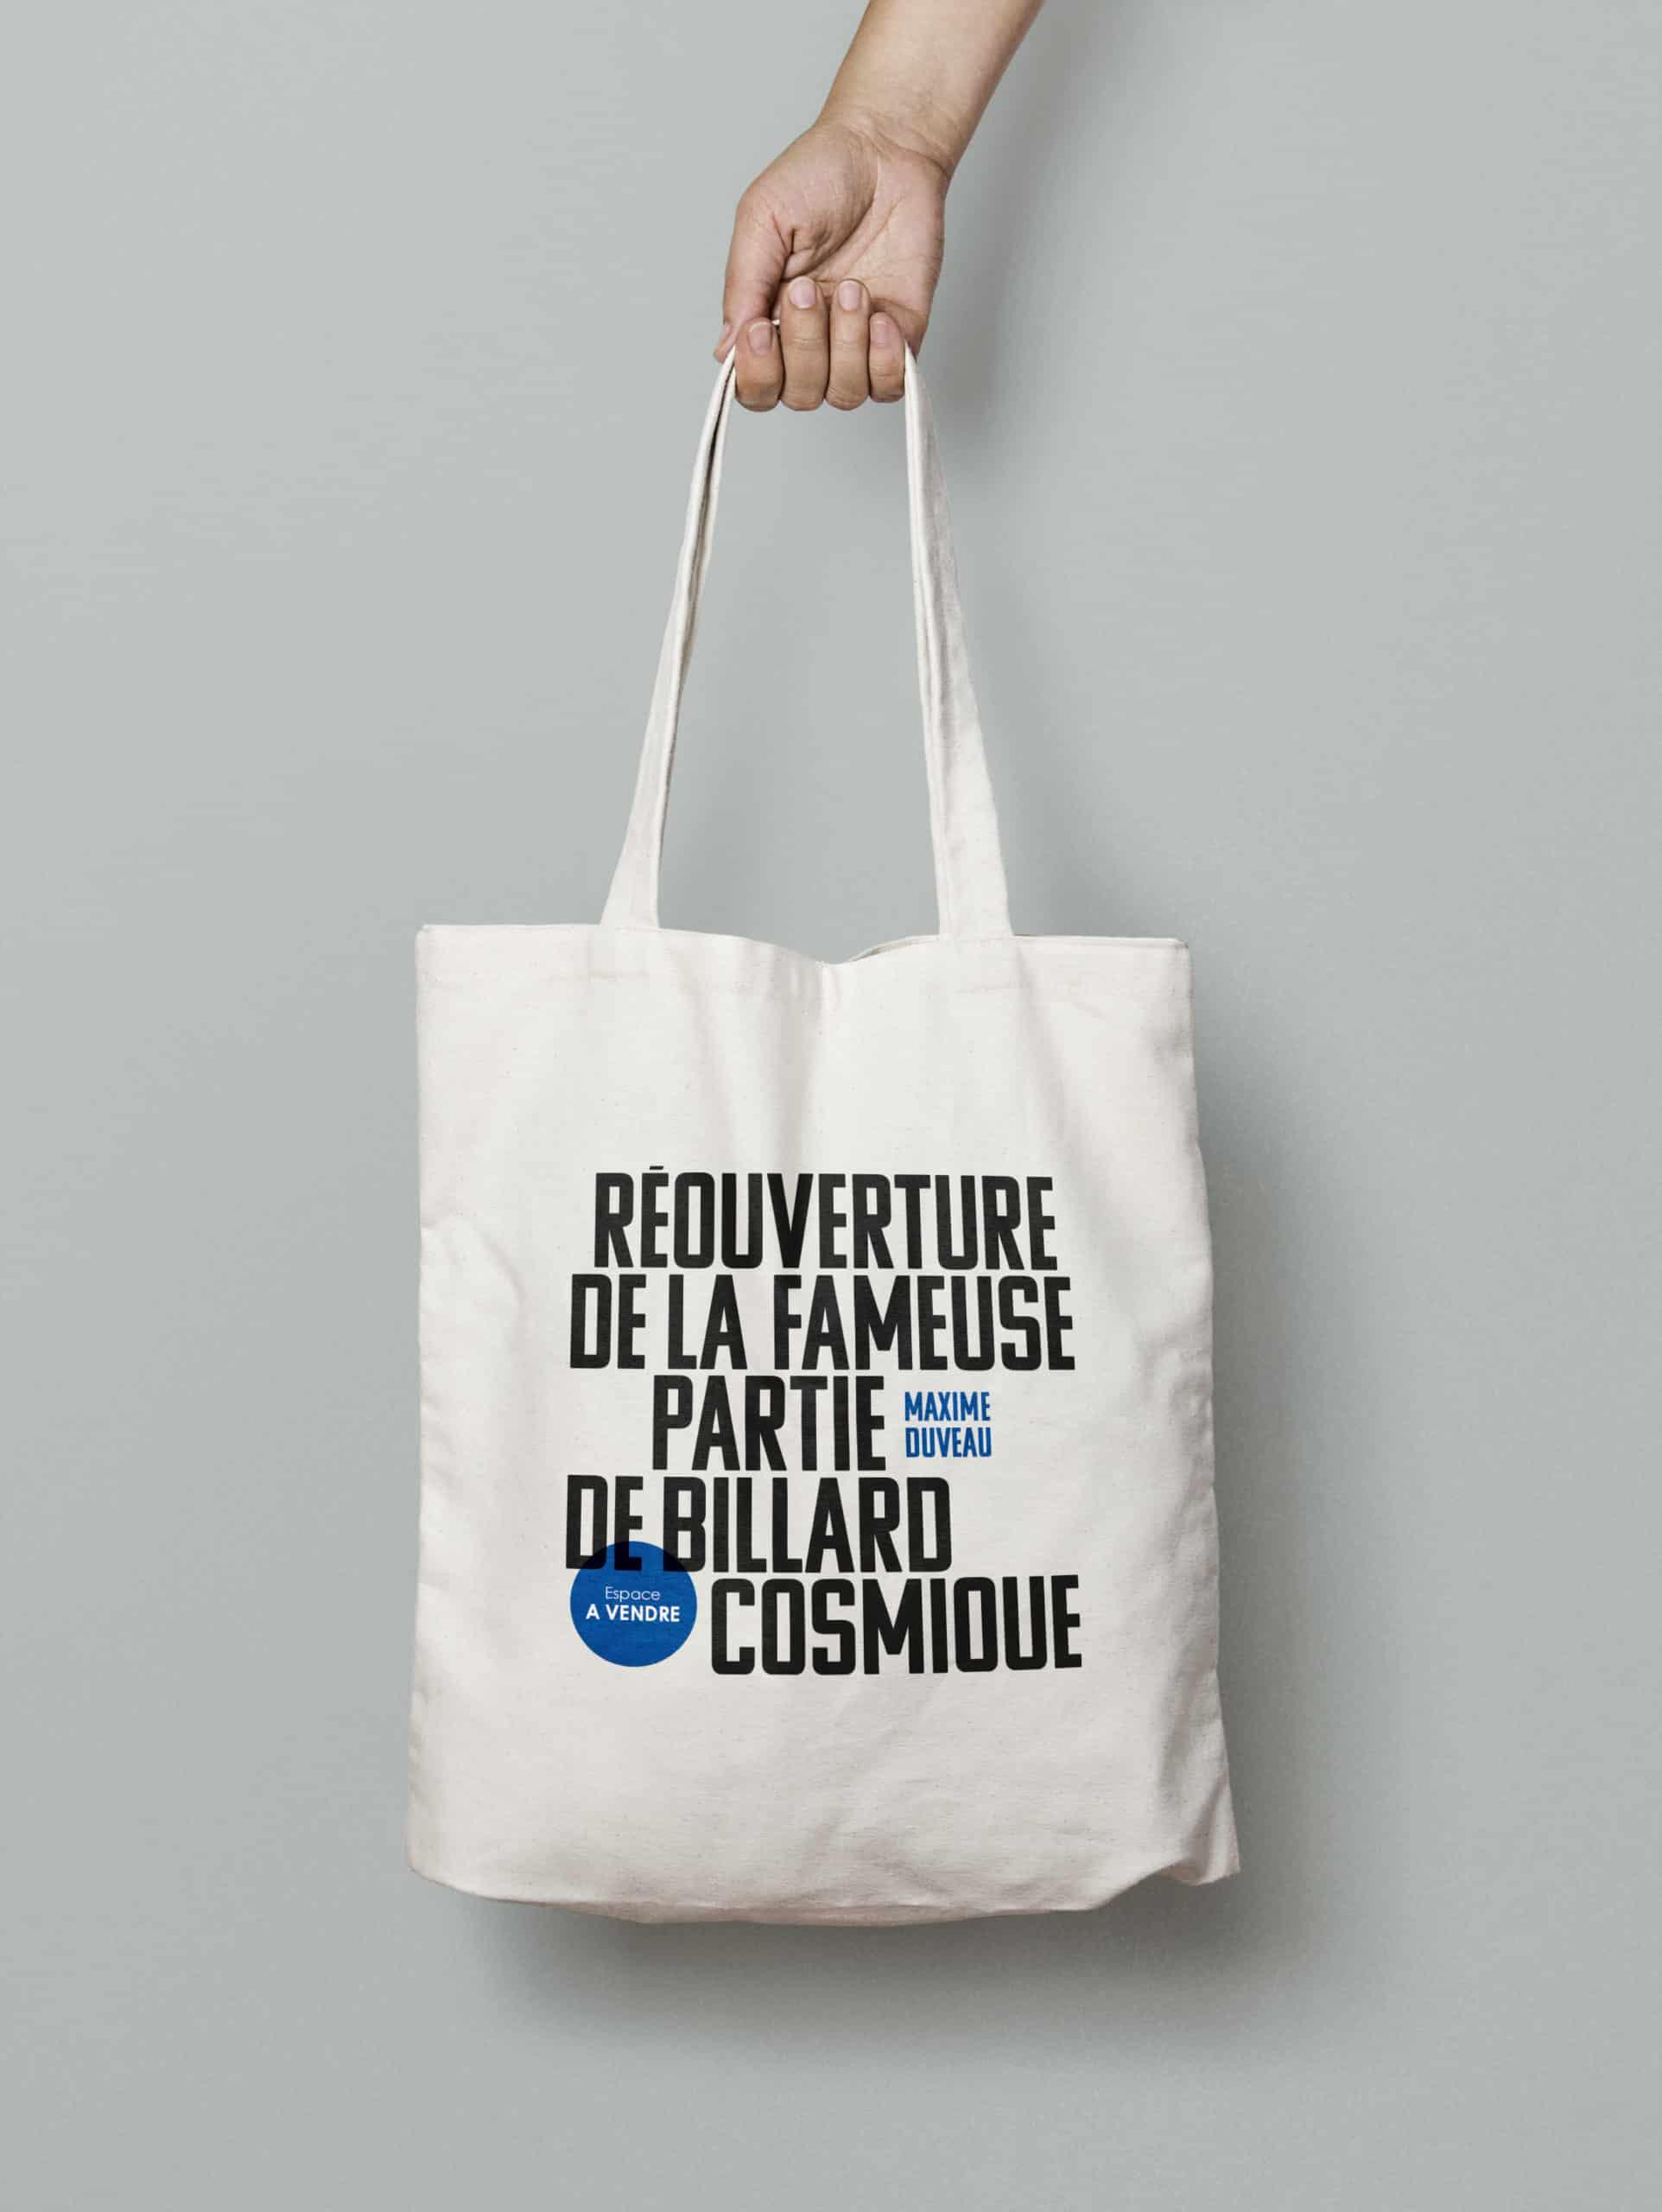 Maxime Duveau, Tot bag, Réouverture de la fameuse partie de billard cosmique